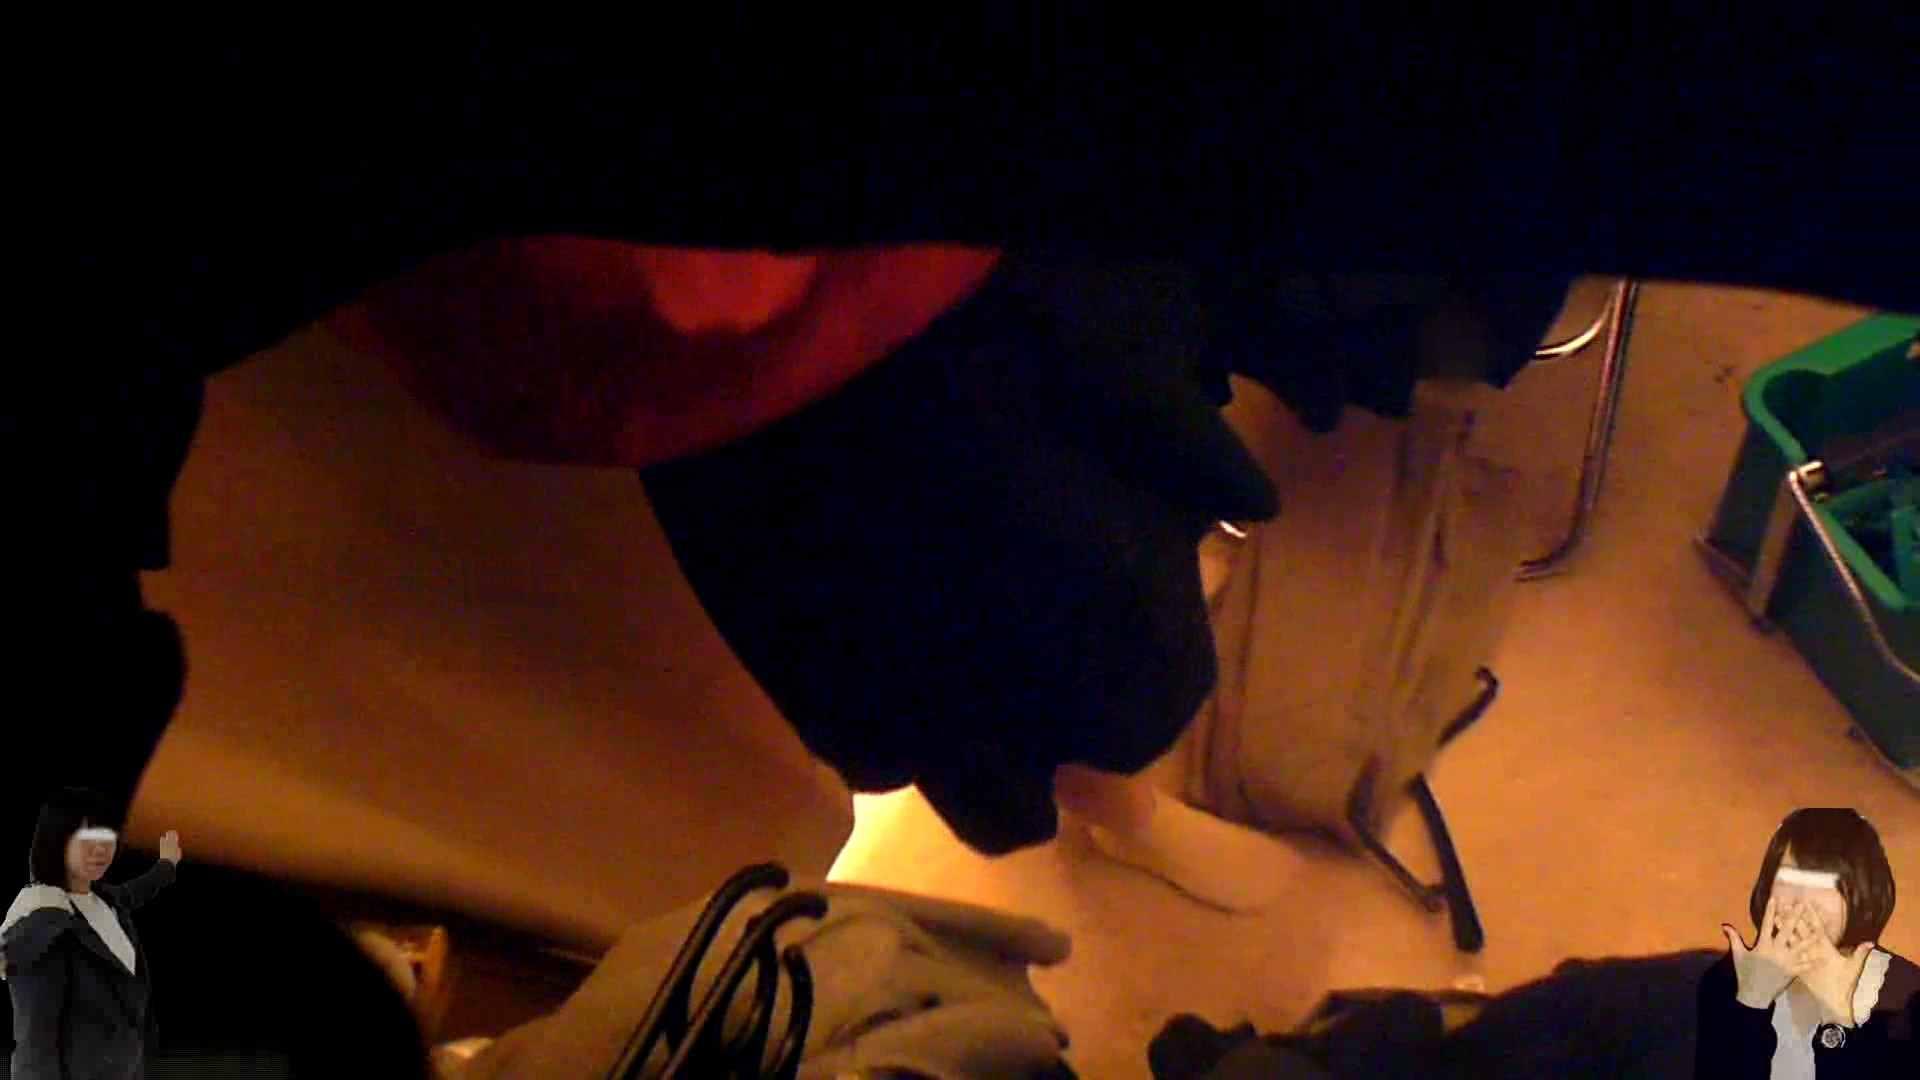 素人投稿 現役「JD」Eちゃんの着替え Vol.05 女の着替え アダルト動画キャプチャ 10枚 8